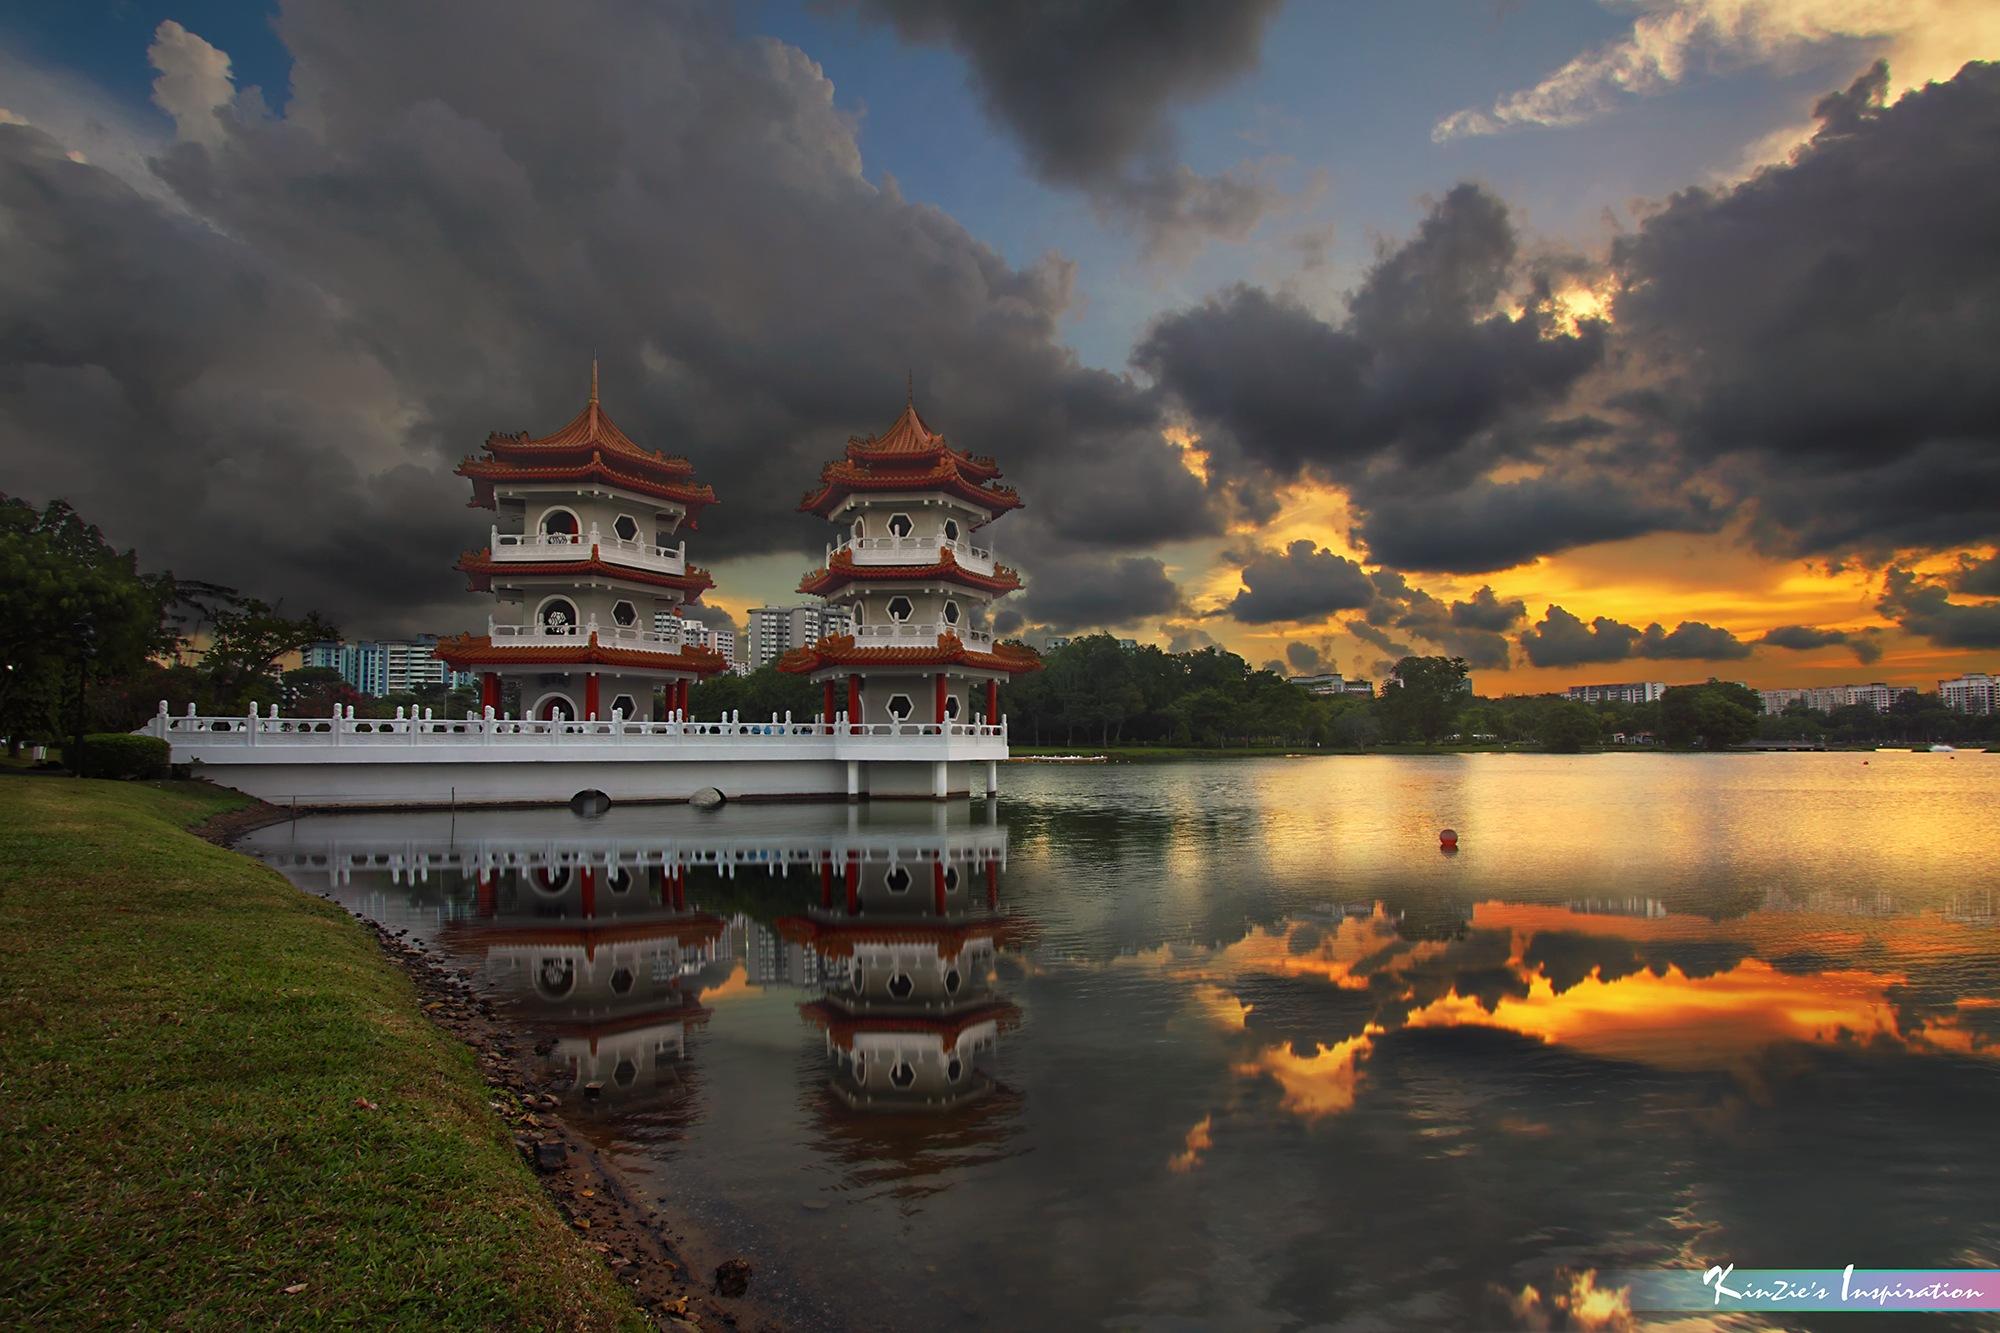 暴風雨來臨 l Heavy Rain Storm is Coming *Corners of Singapore* by iLOVEnature's Photography Inspiration